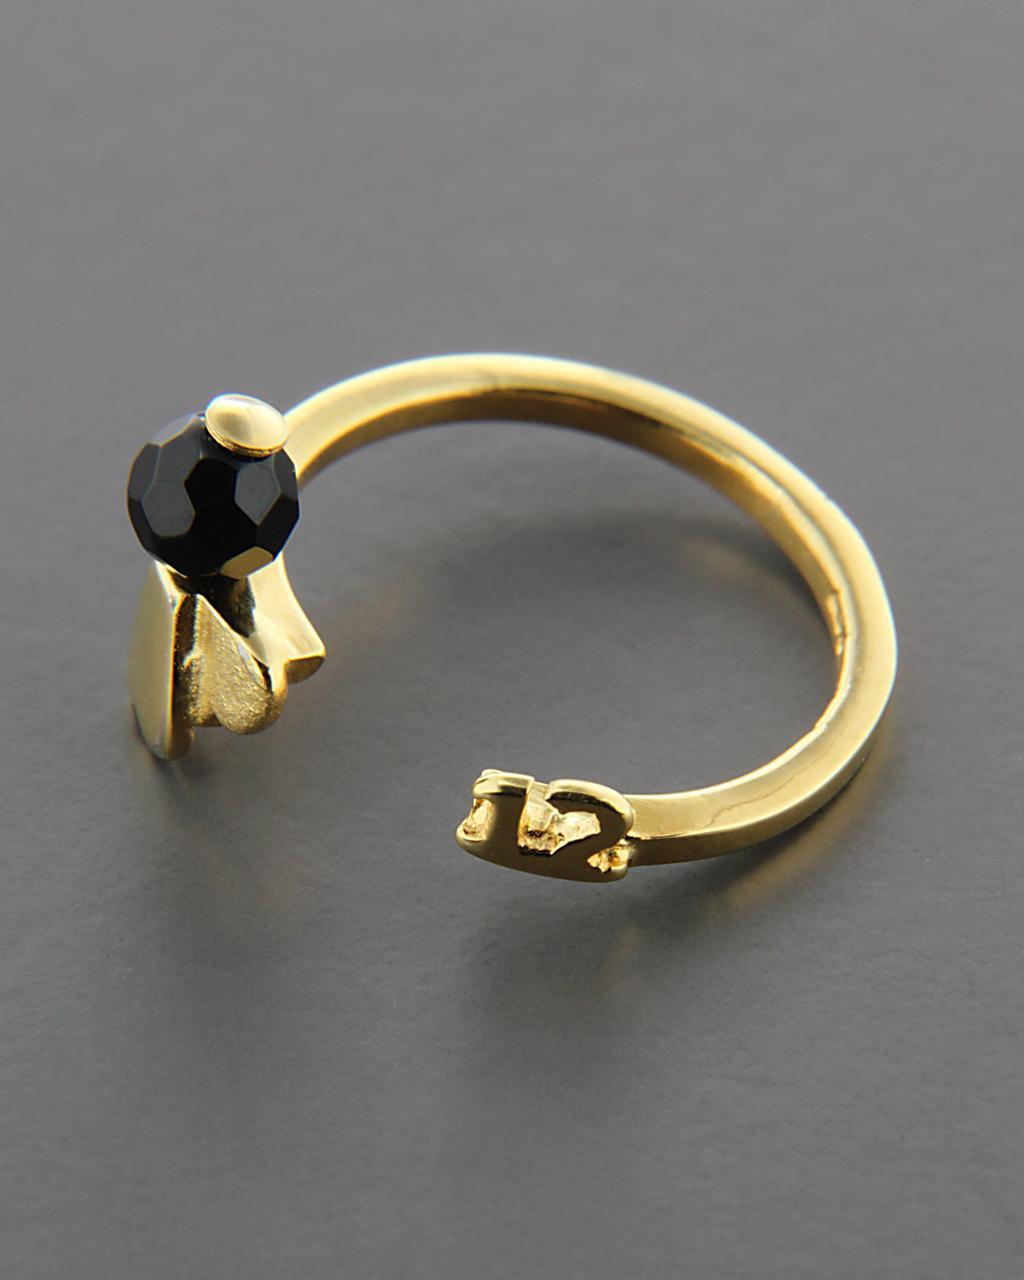 Επίχρυσο ασημένιο-γούρι δαχτυλίδι 925 με Όνυχα   δωρα γούρια